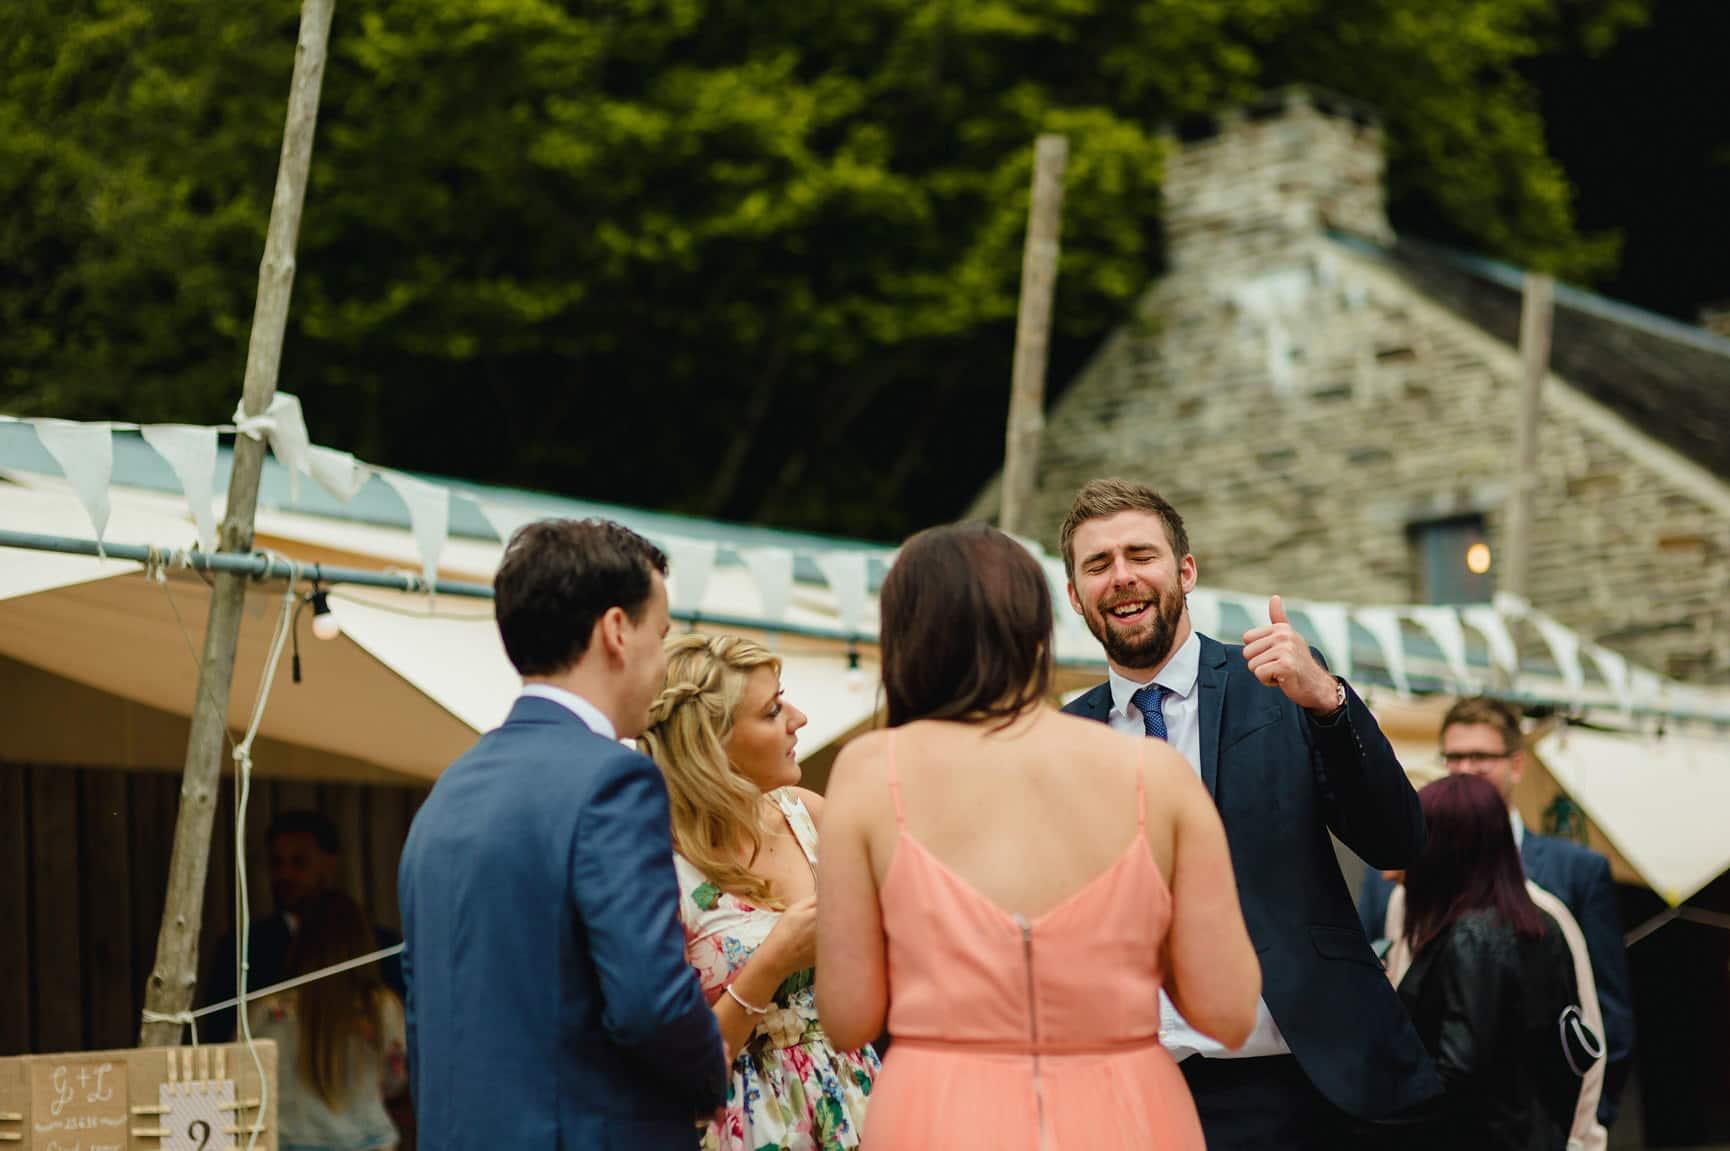 Fforest Wedding, Cardigan, Wales - Lauren and Gareth 199